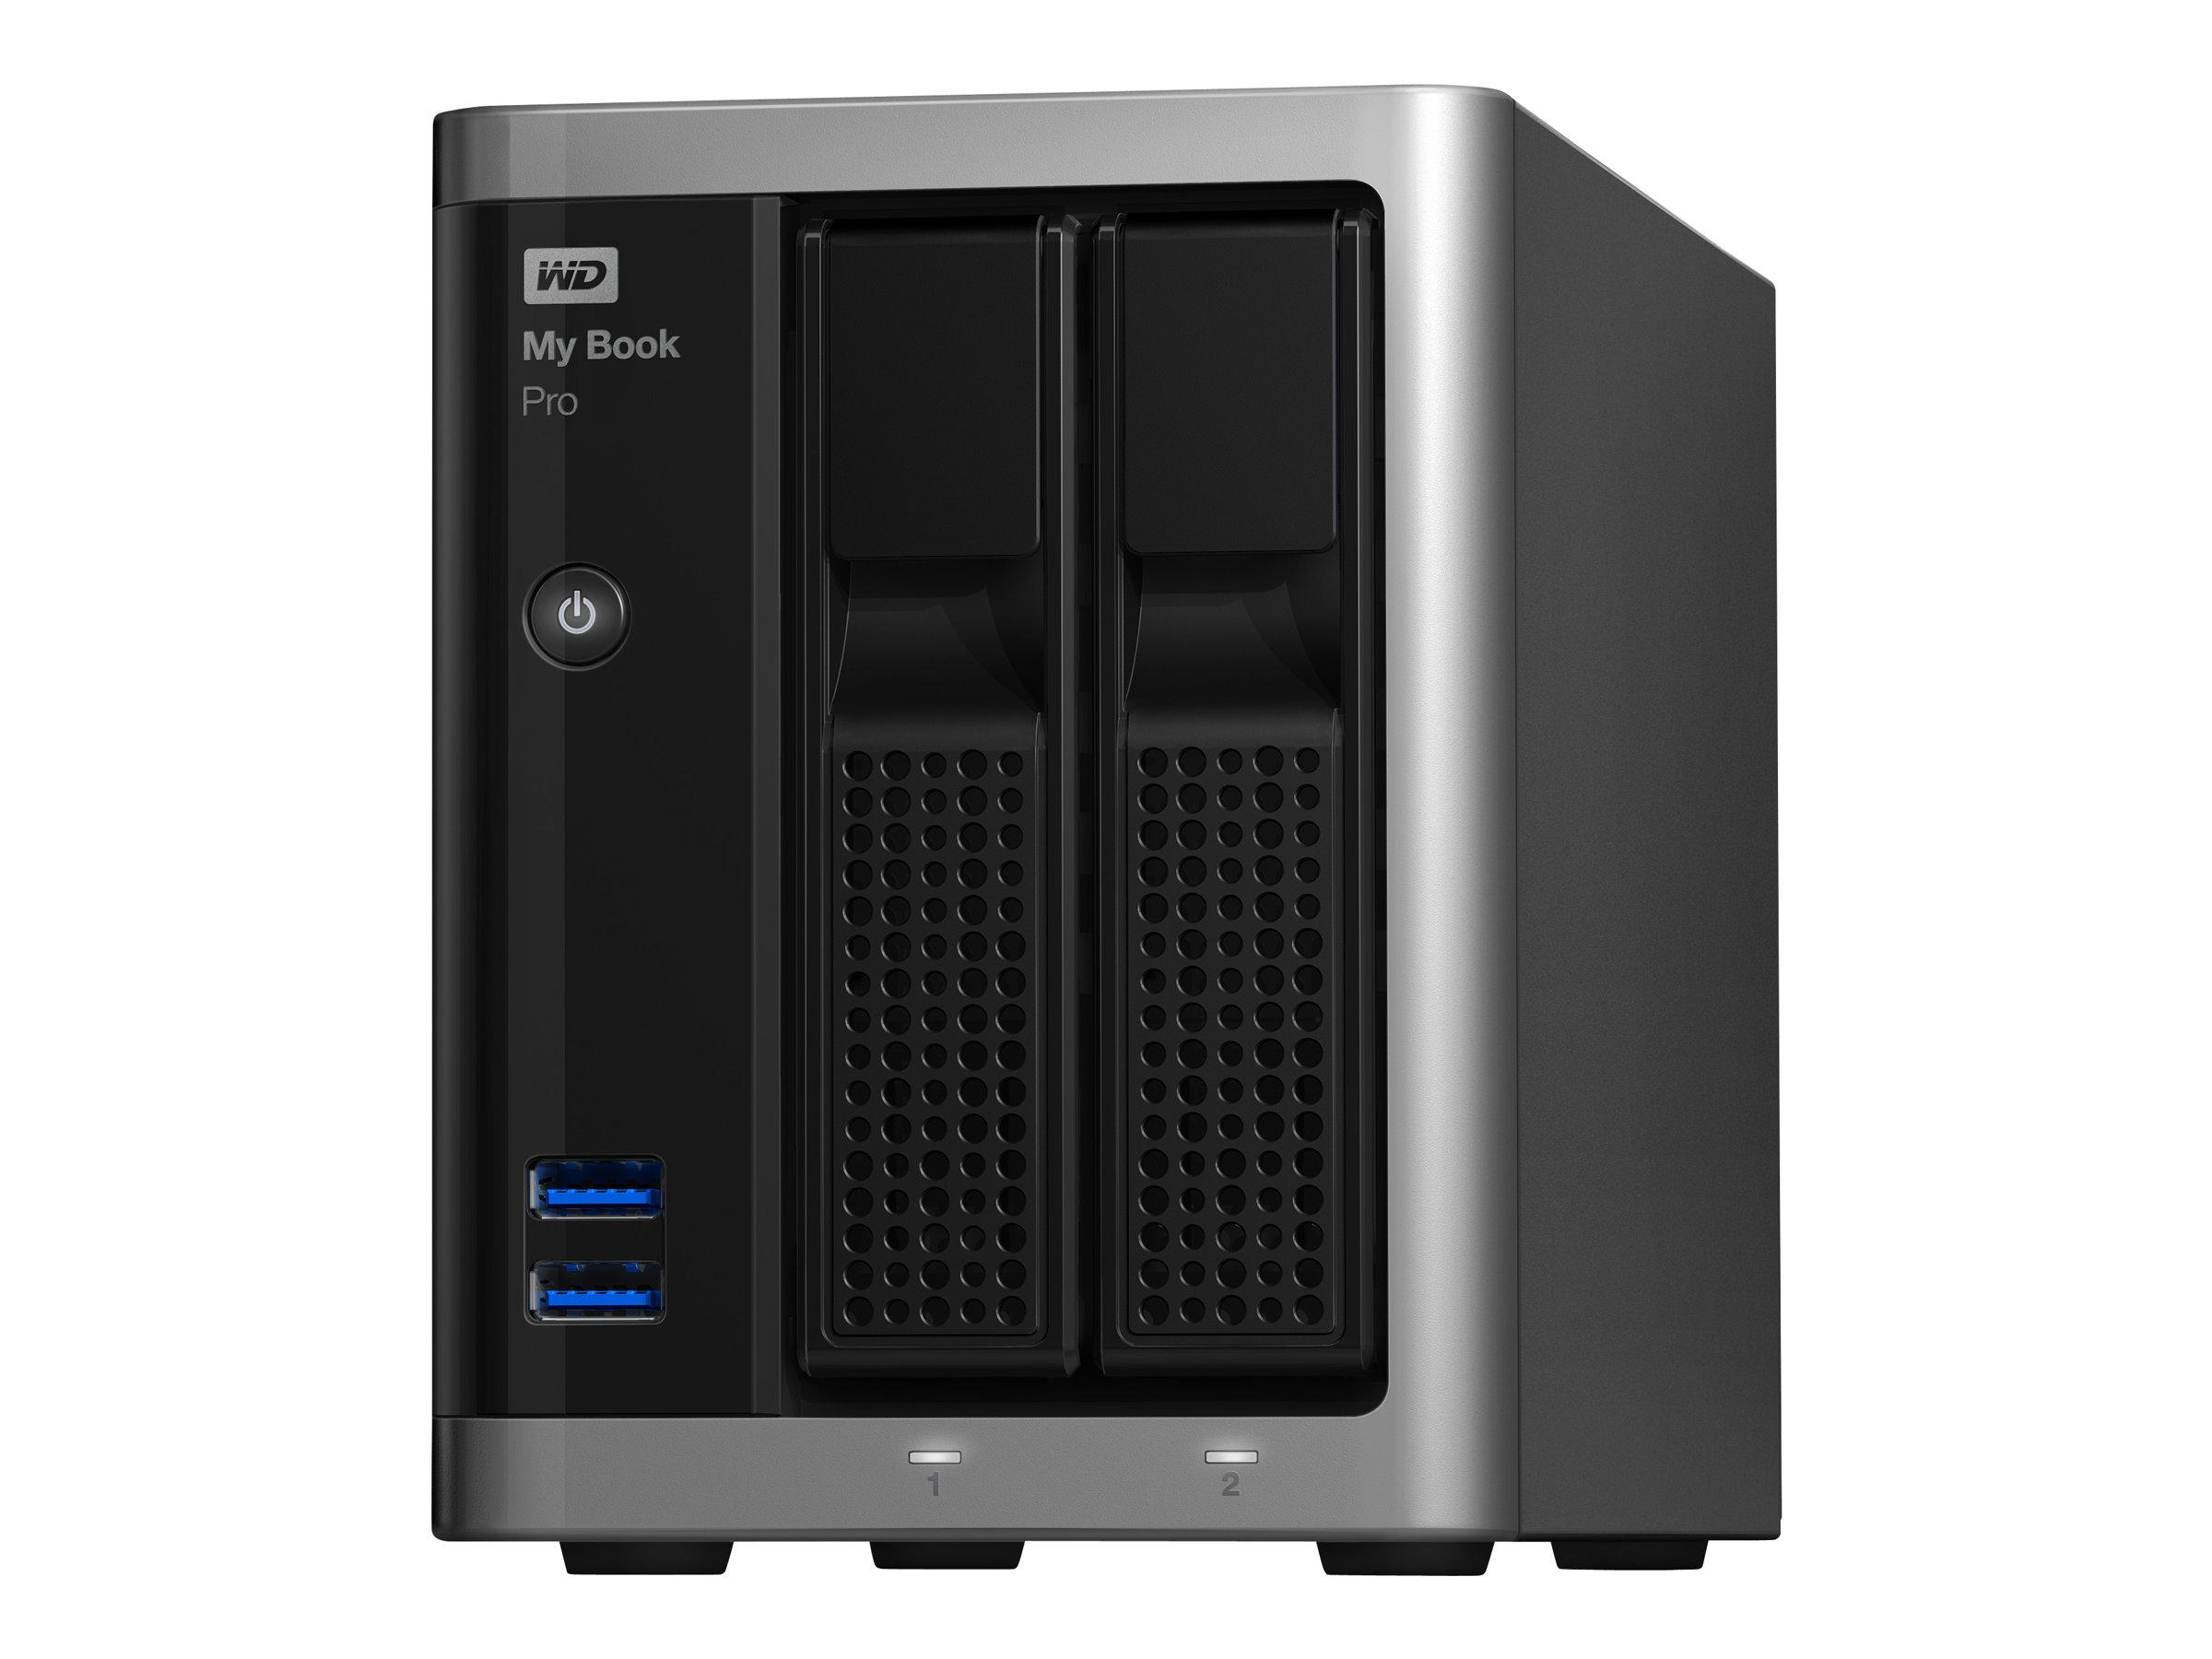 WD My Book Pro WDBDTB0120JSL - Festplatten-Array - 12 TB - 2 Schächte - HDD 6 TB x 2 - USB 3.0, Thunderbolt 2 (extern)